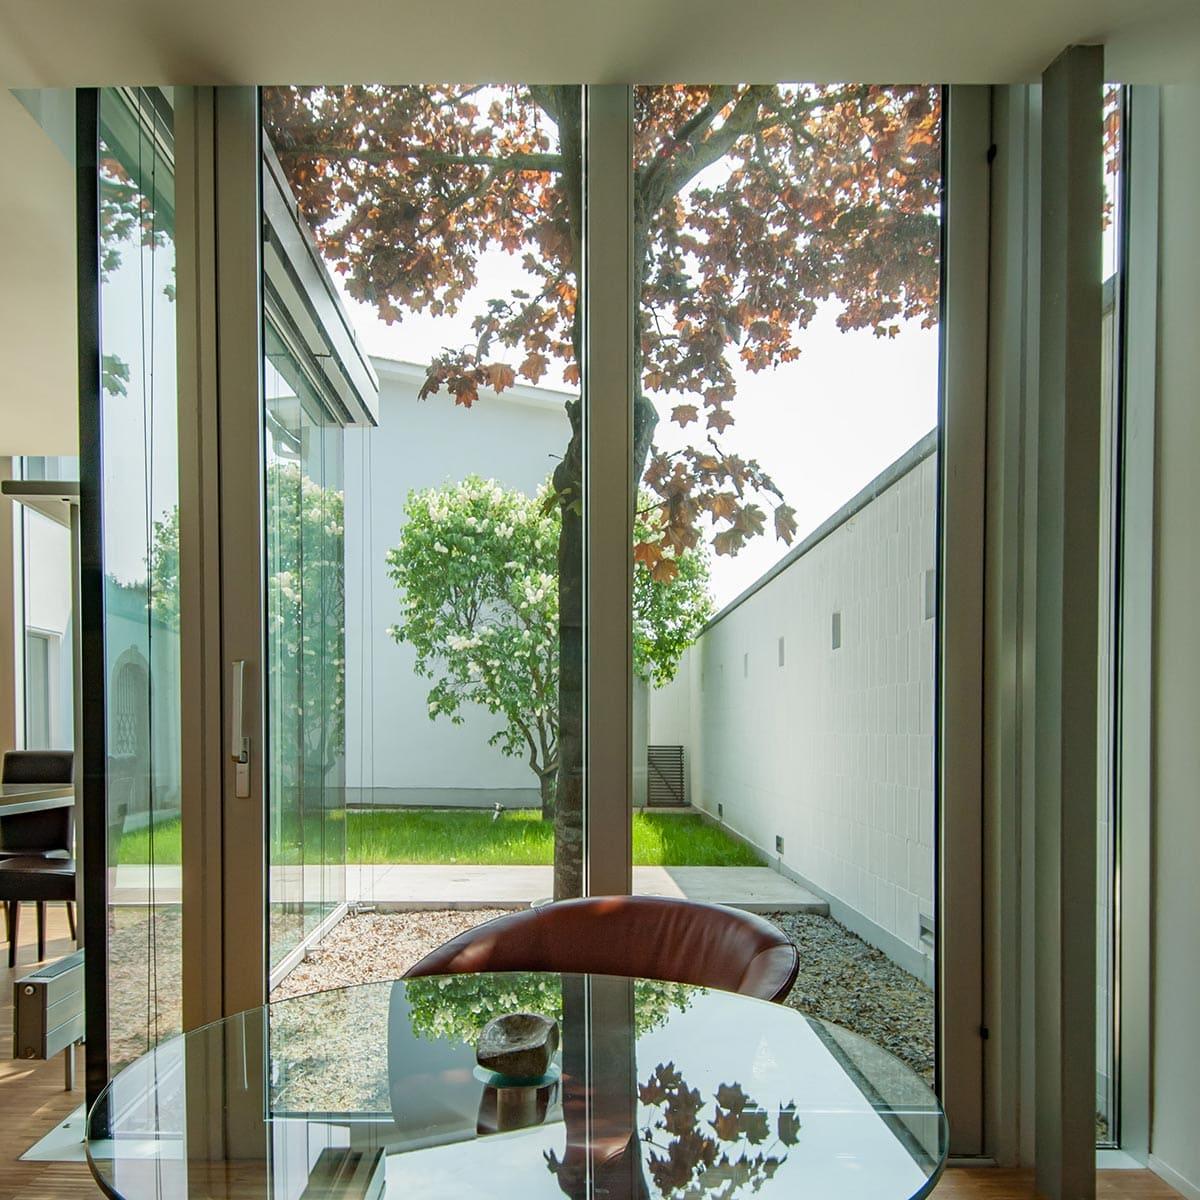 architekt, büro, büroumbau, zubau, architekturentwurf, fassade, kunst, innenhof, büro im garten, baum, architektur